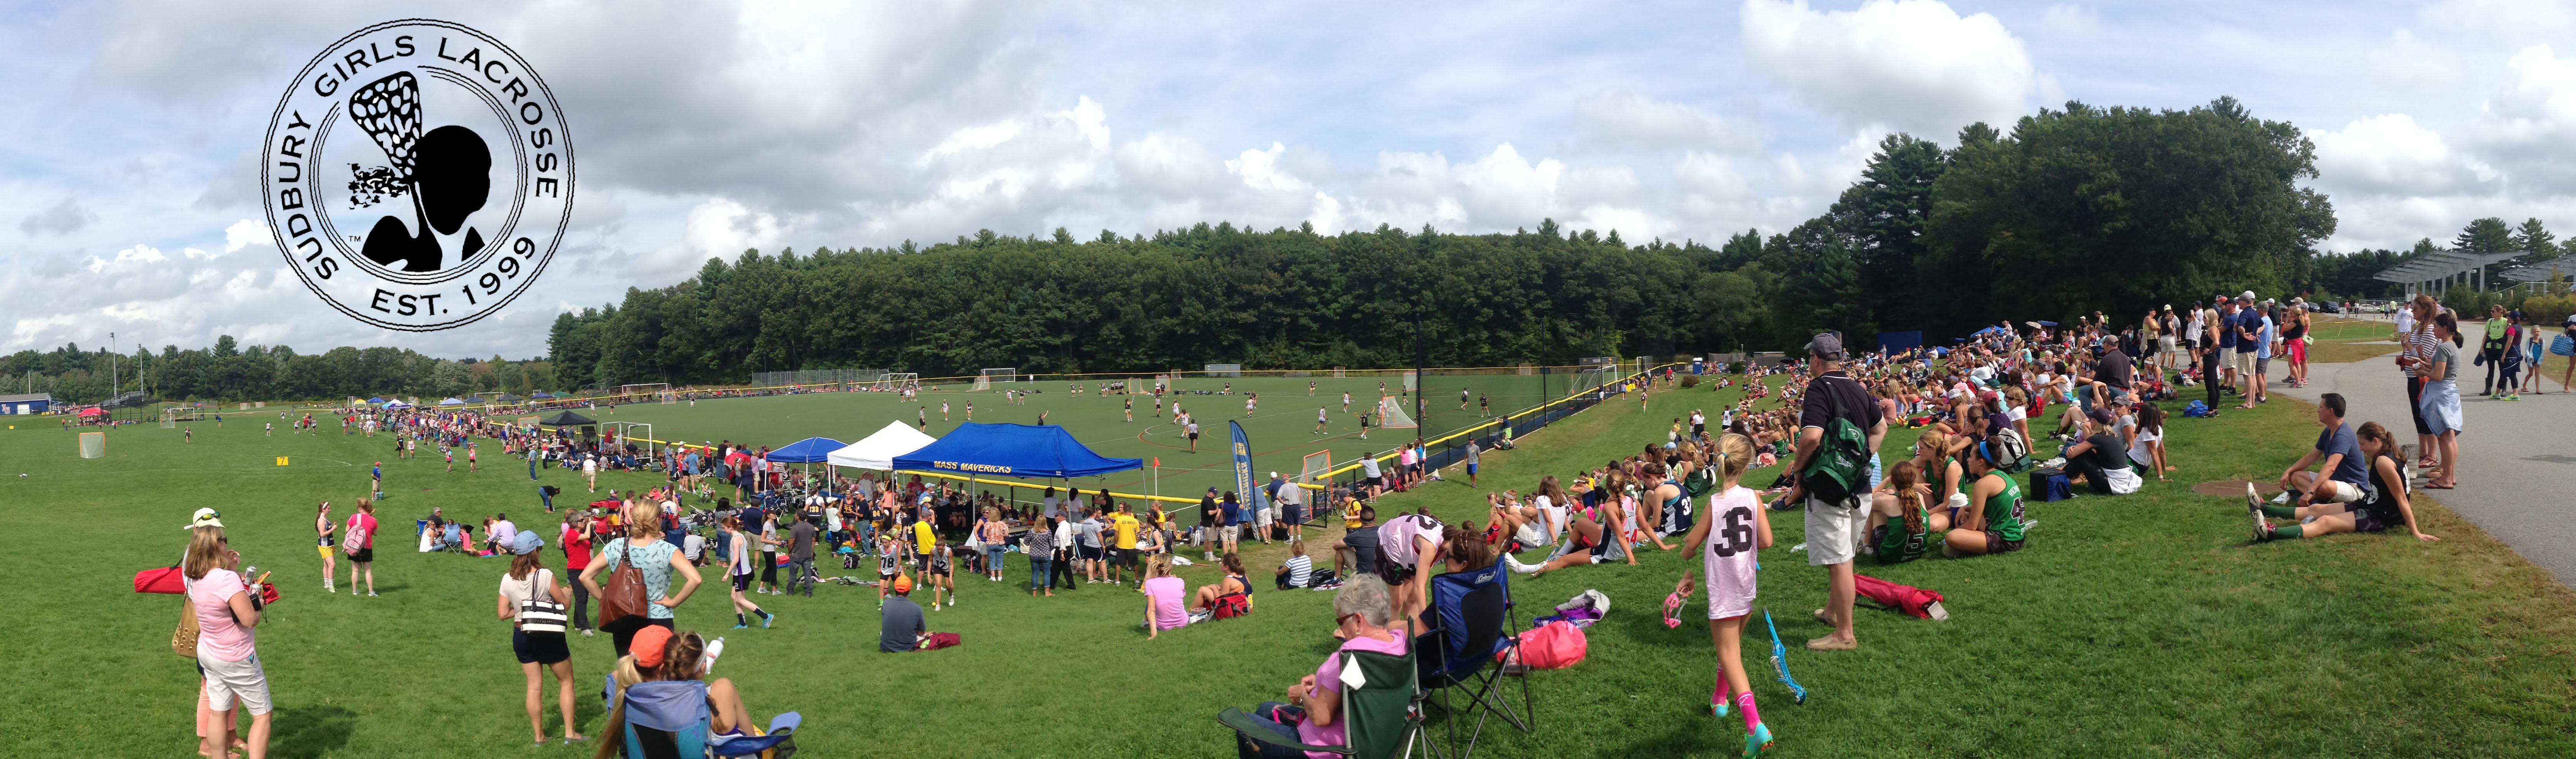 Sudbury Girls Lacrosse, Girls Lacrosse, Goal, Field